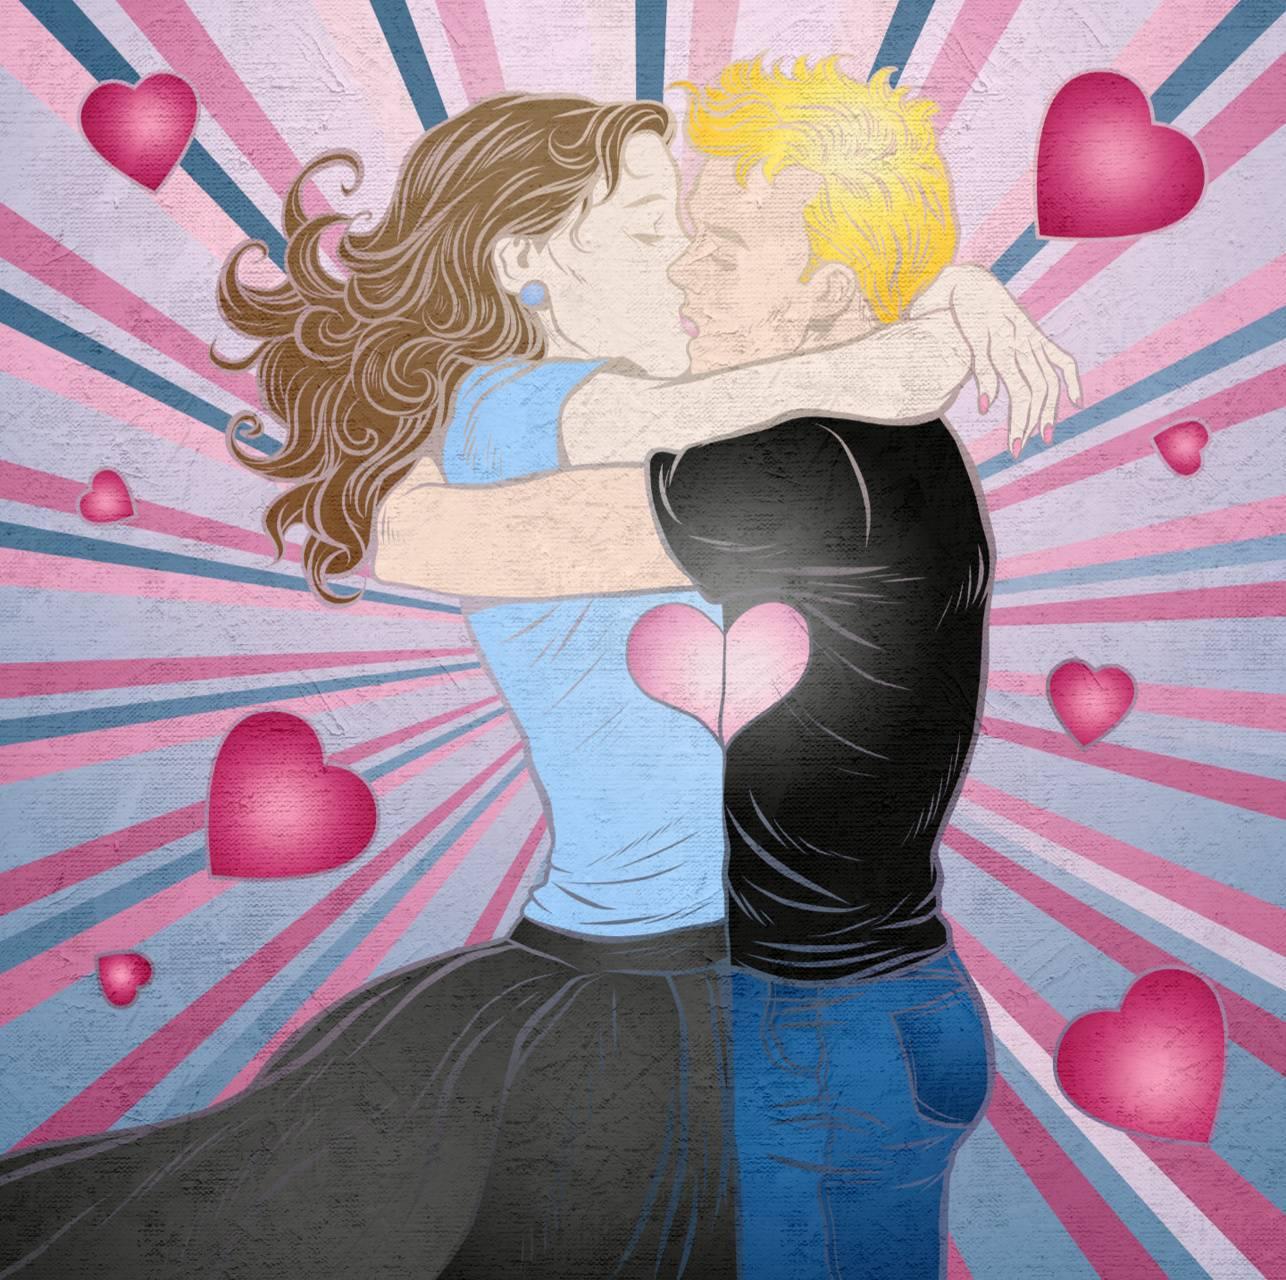 True Love Wallpaper By Novascotianangel 2e Free On Zedge